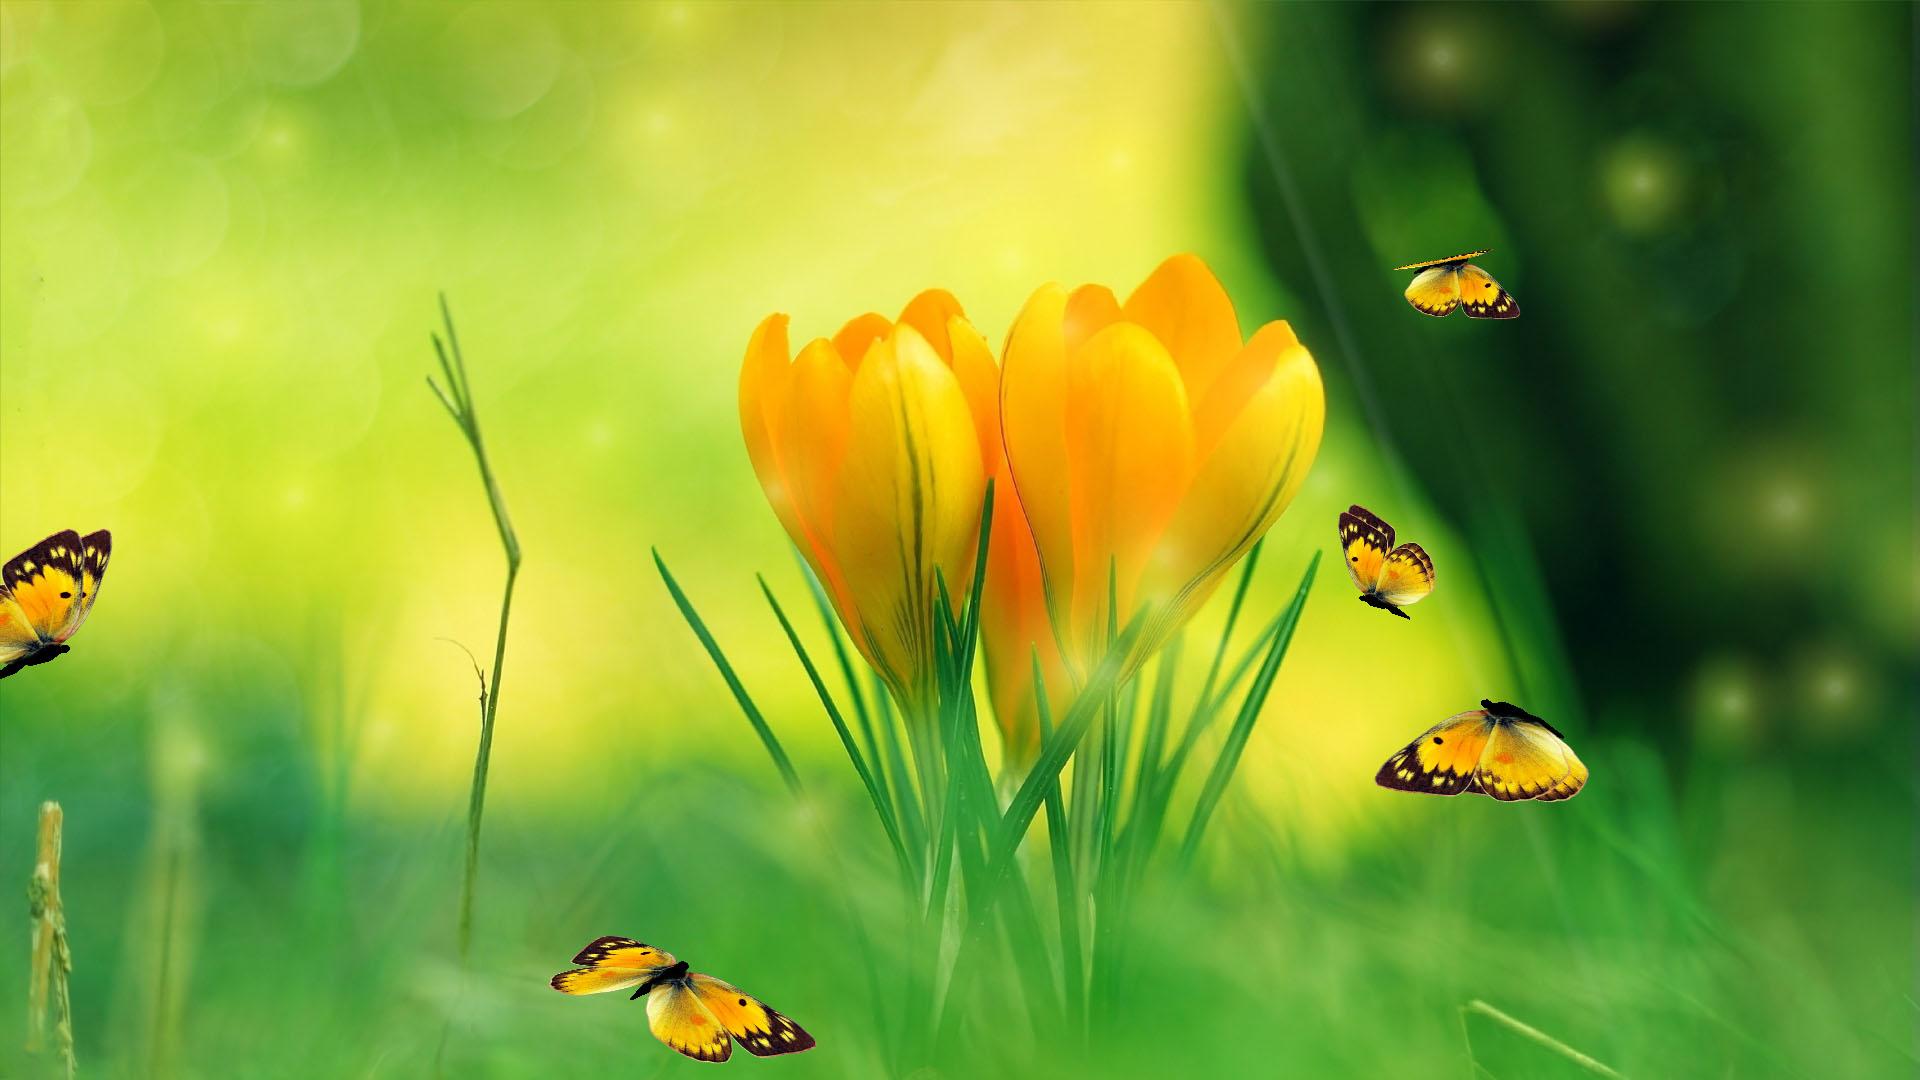 Animated Aquarium Wallpaper For Windows 7 Free Spring Charm Spring Screensaver Fullscreensavers Com